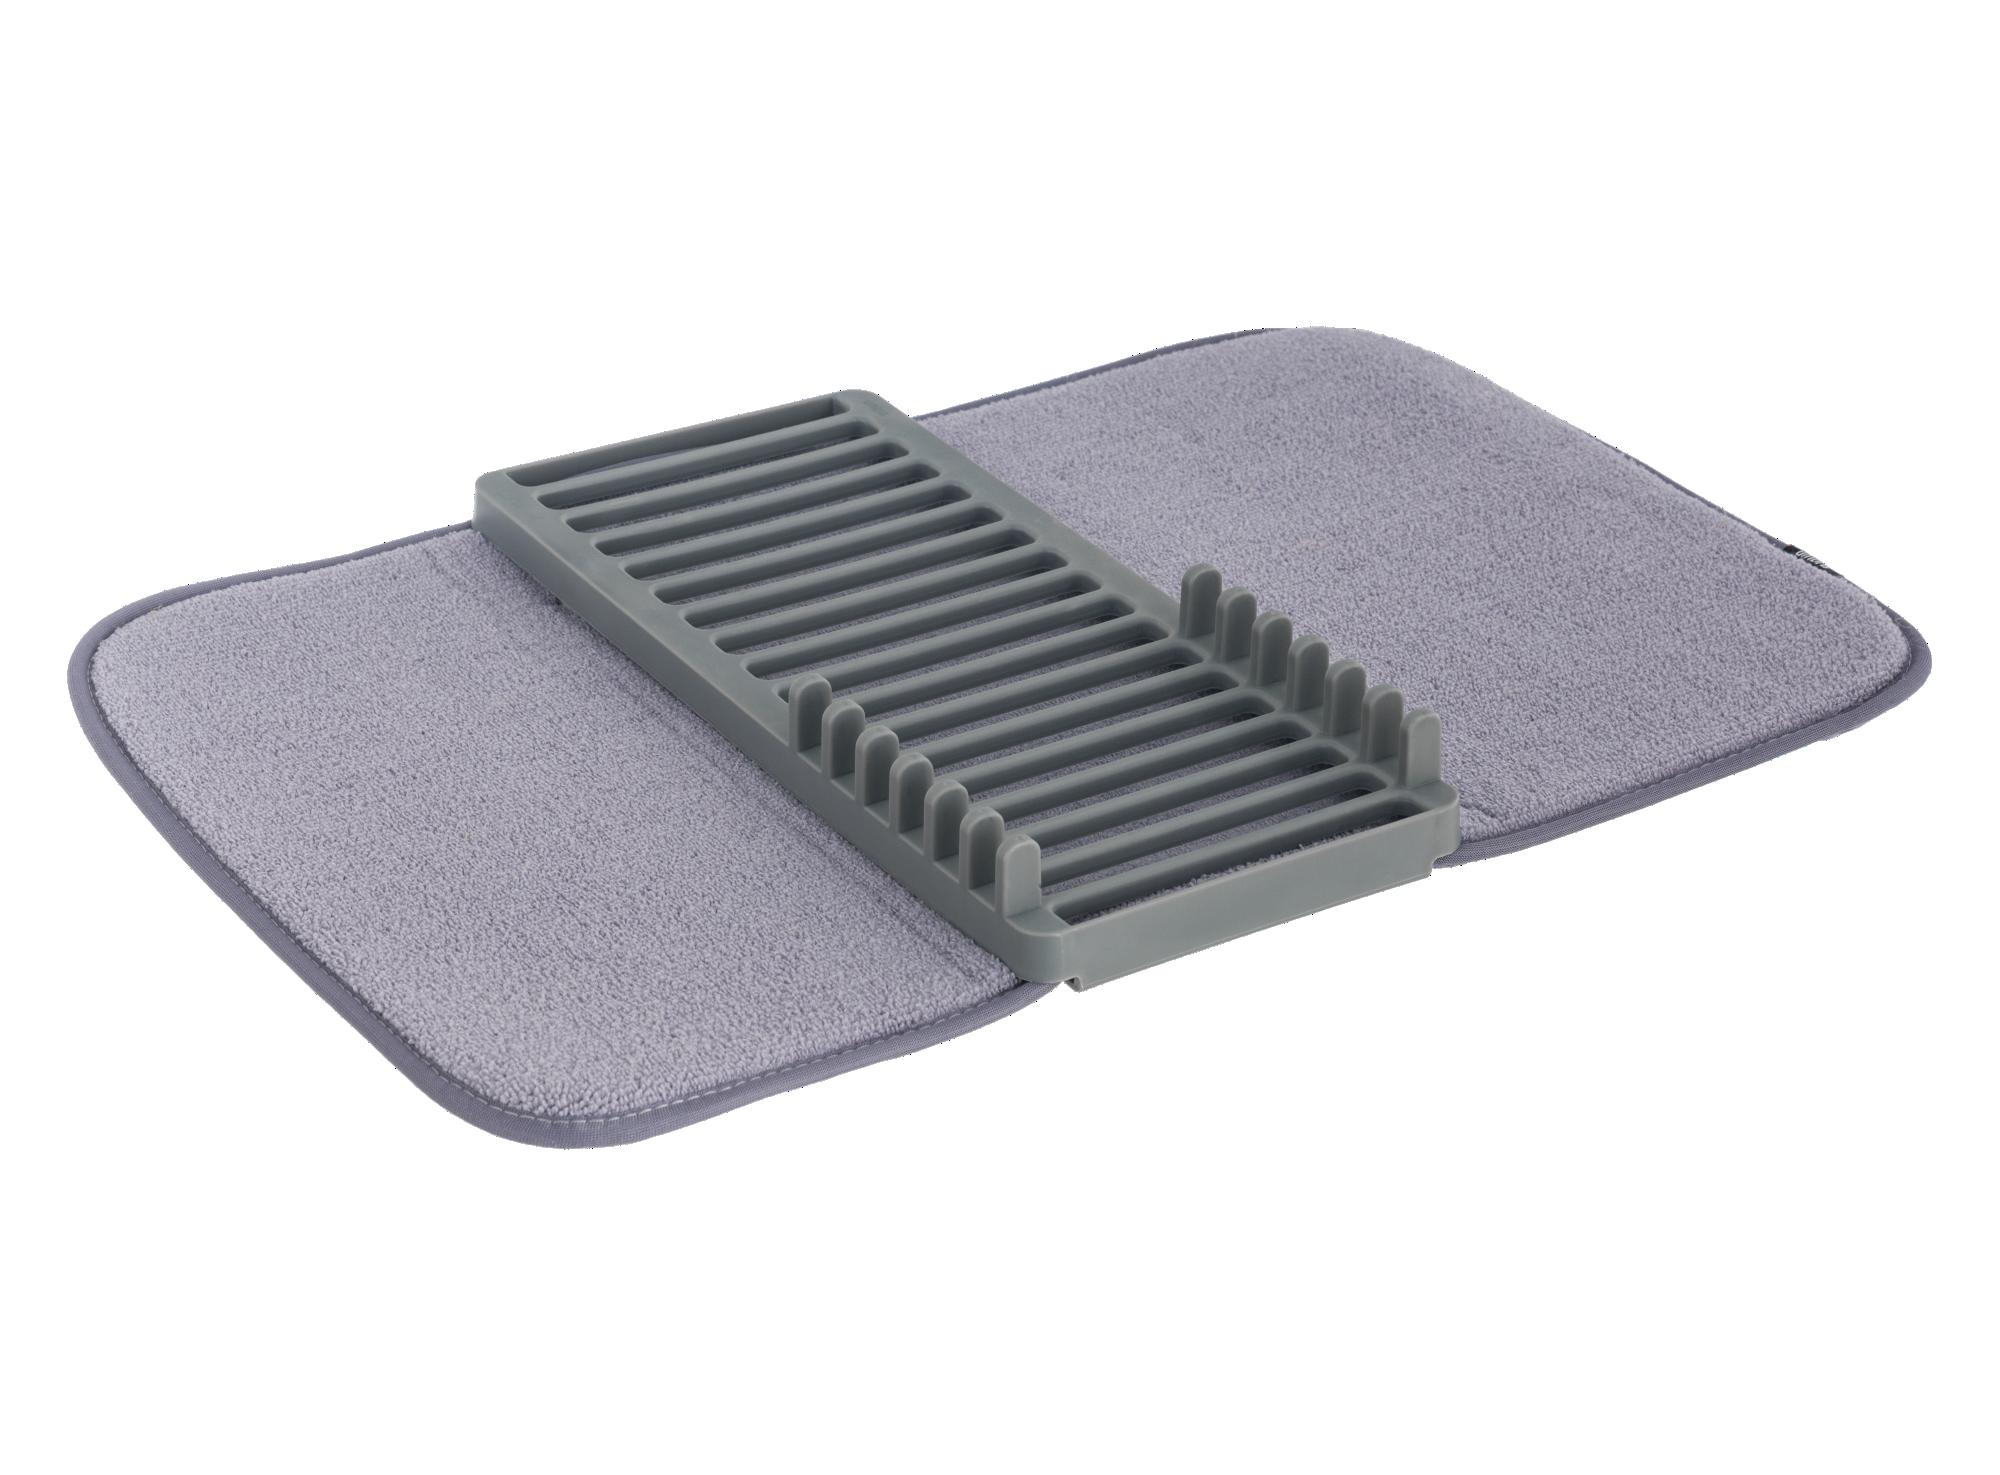 Egouttoir 34.29x20.32cm avec tapis de sechage absorbant en microfibr ...